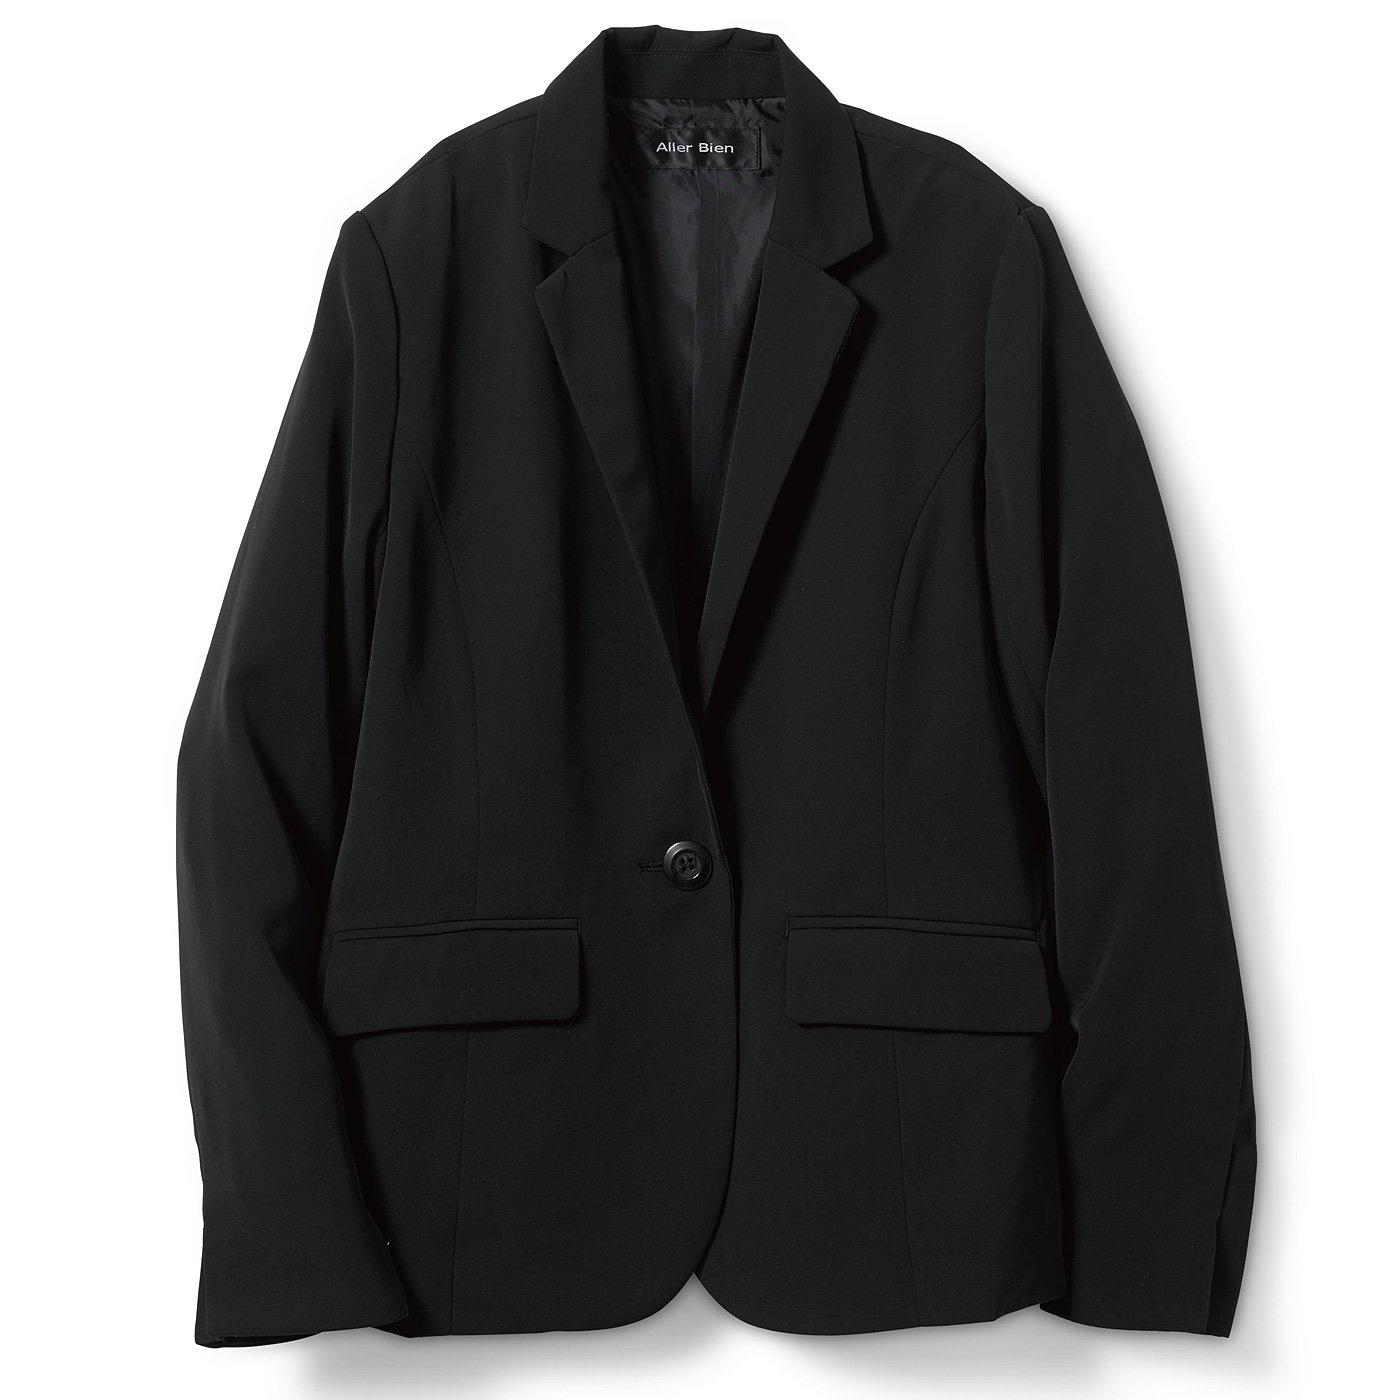 DRECO by IEDIT バイヤーズセレクト ツイルバックサテンのとろみテーラードジャケット〈ブラック〉